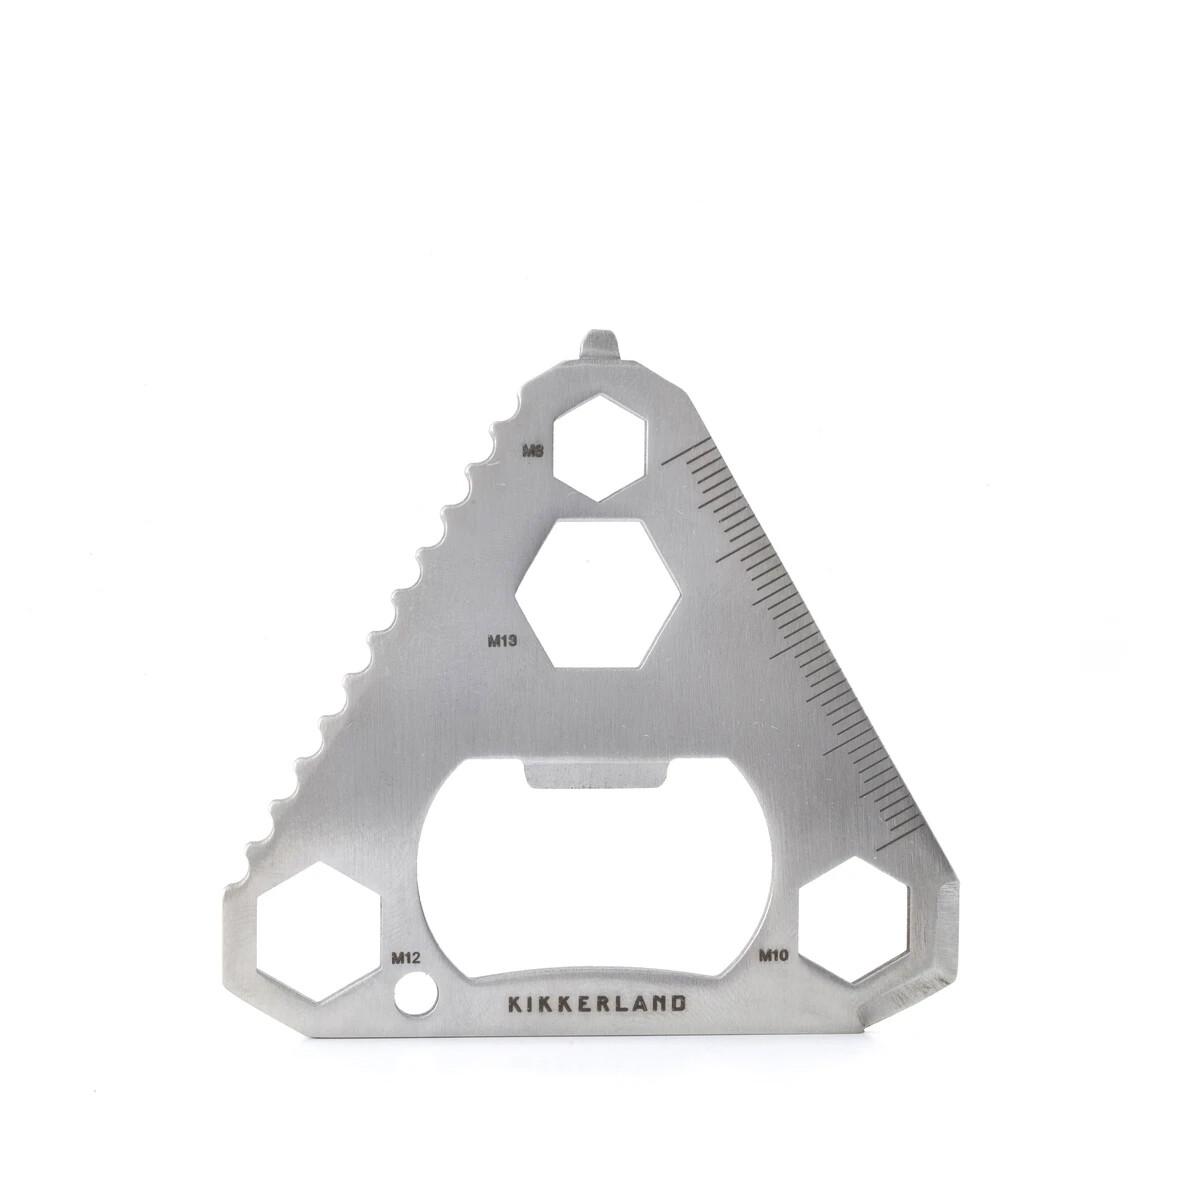 Triangle Multi-Tool - Kikkerland